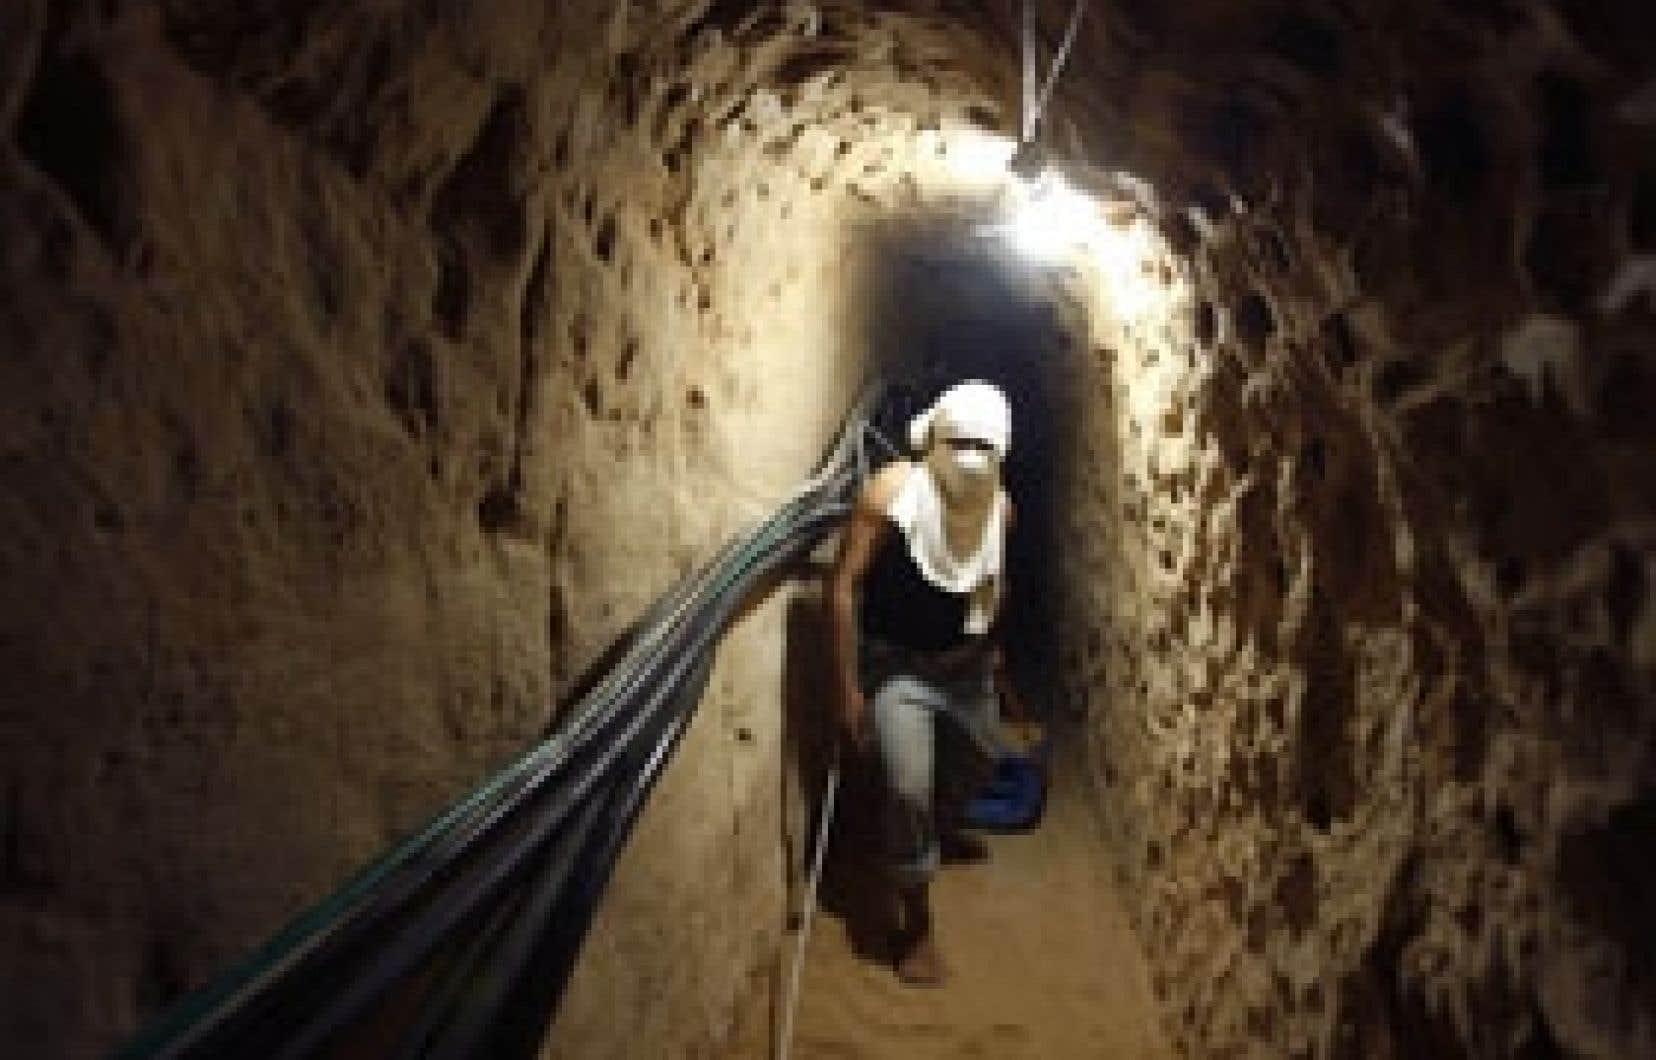 En dépit des bombardements intensifs pendant plusieurs jours par l'armée israélienne, les tunnels reliant la bande de Gaza à l'Égypte ont rapidement été remis en état.